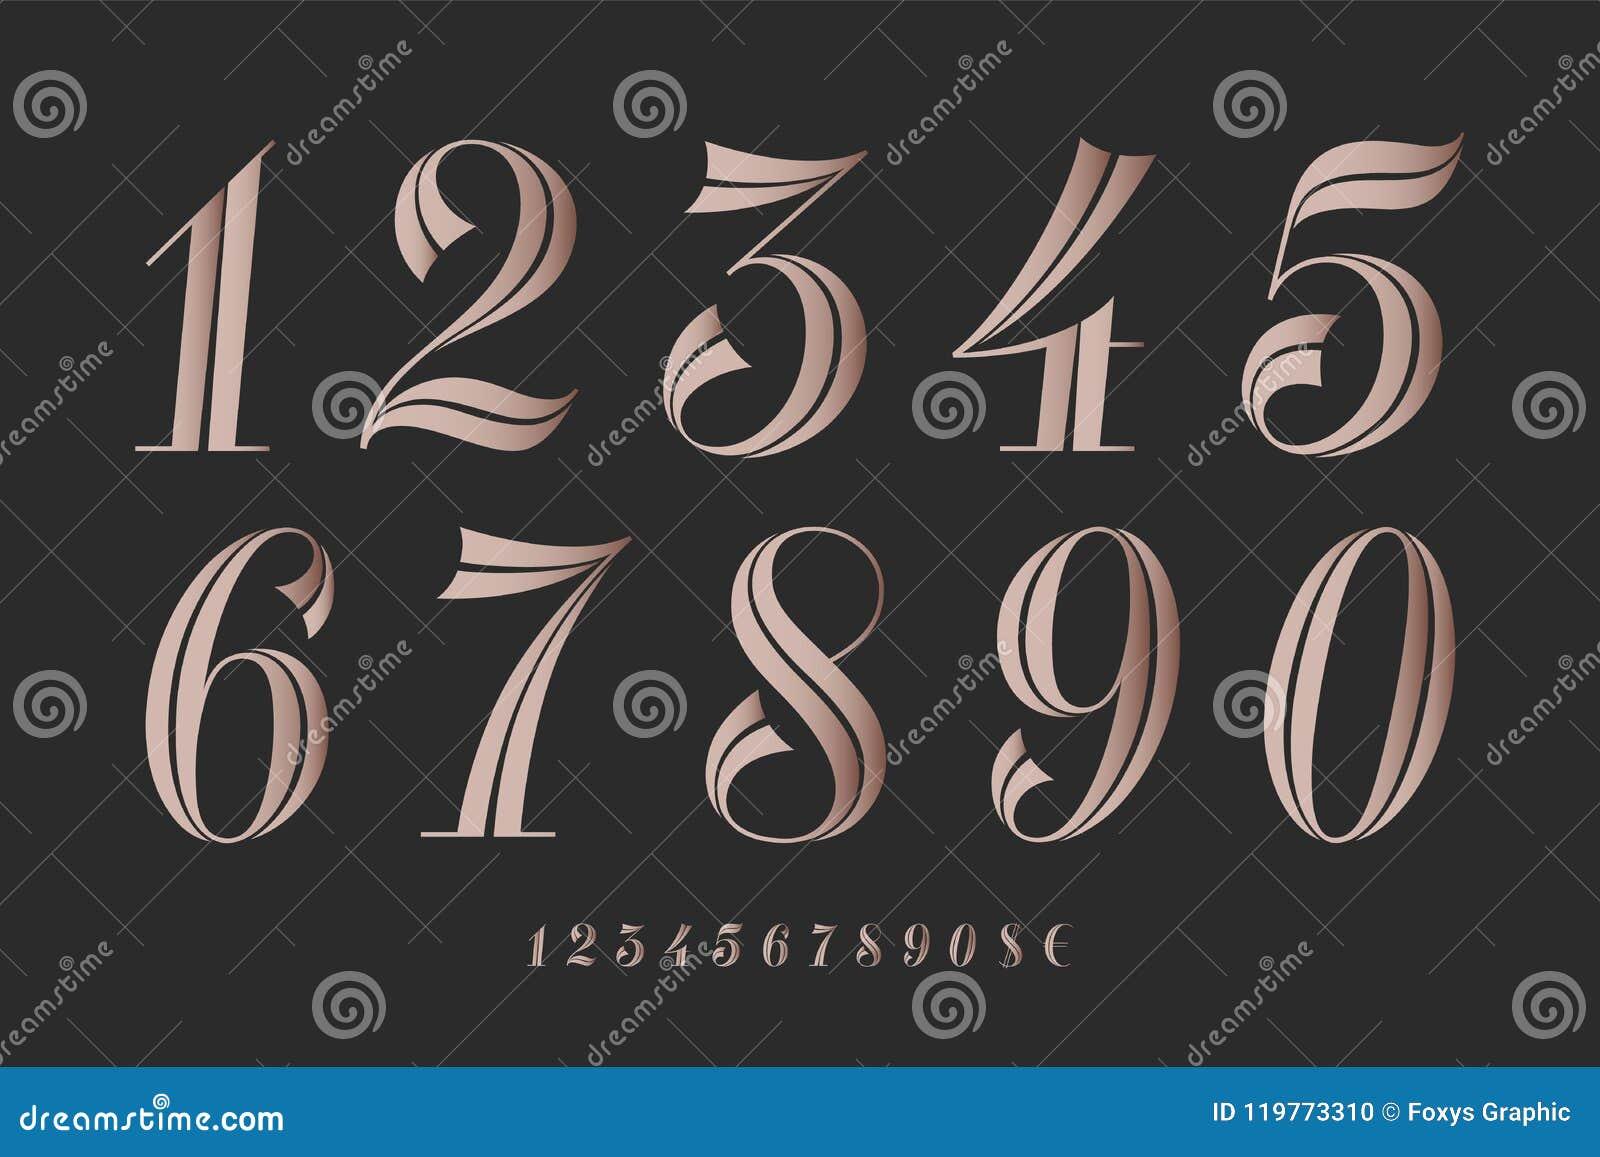 Numbers Font. Classical Elegant Font Stock Vector ...